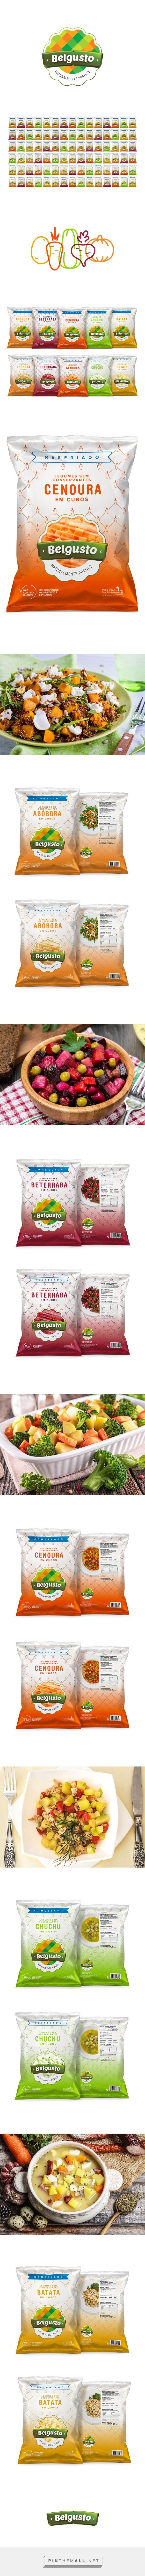 packaging / food / vegetables